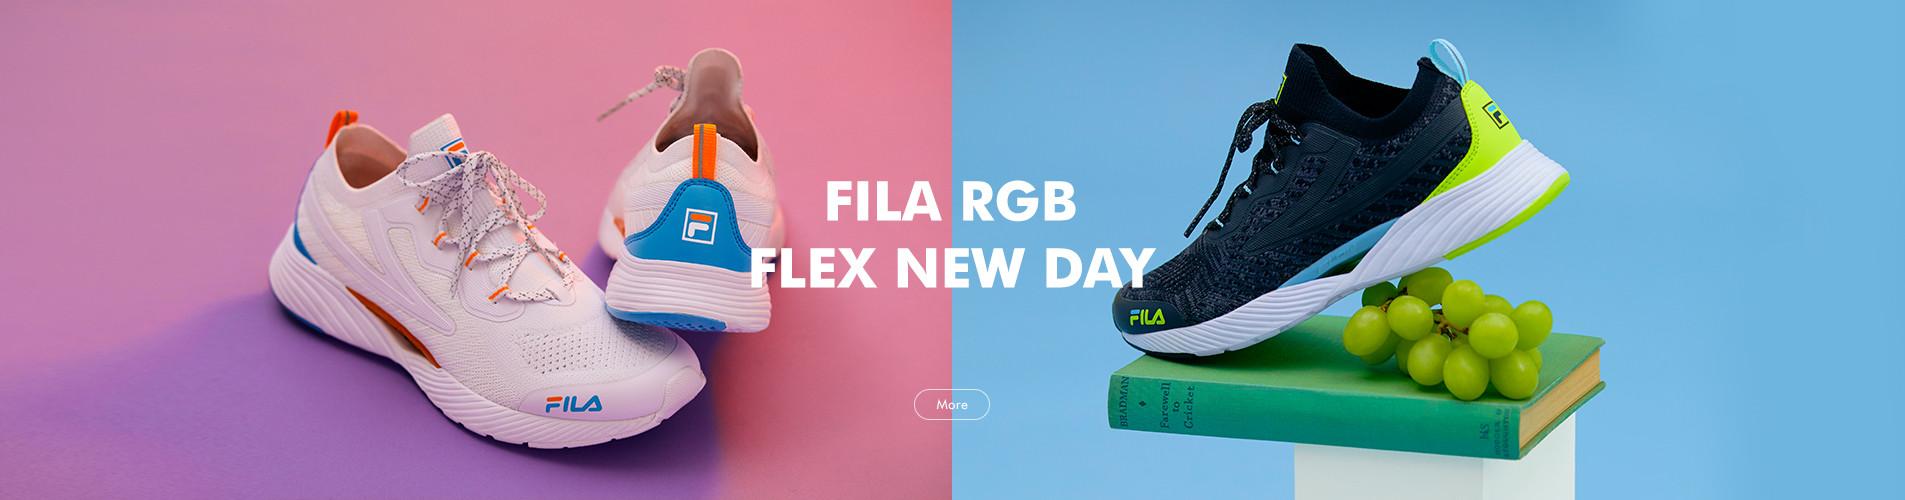 FILA RGB FLEX NEWDAY